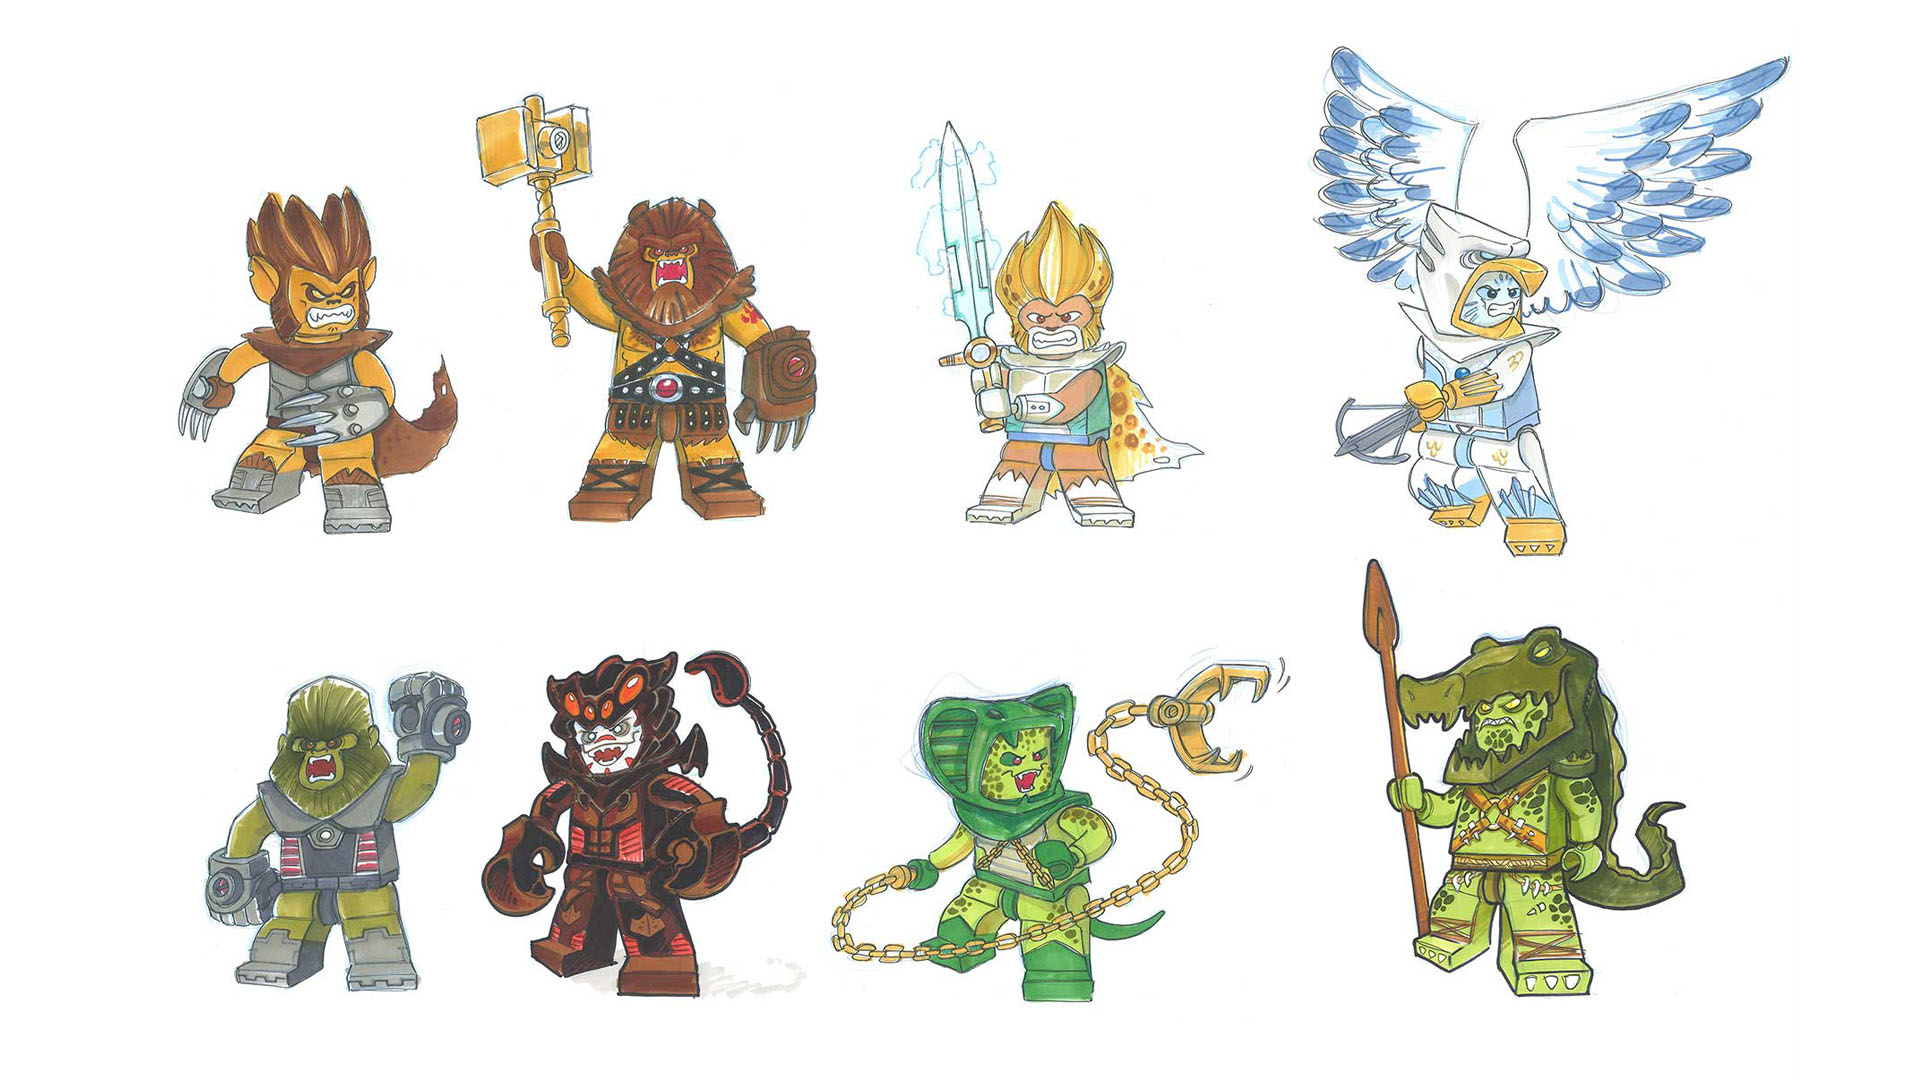 вся очередь персонажи лего чима пусть поможет, веру